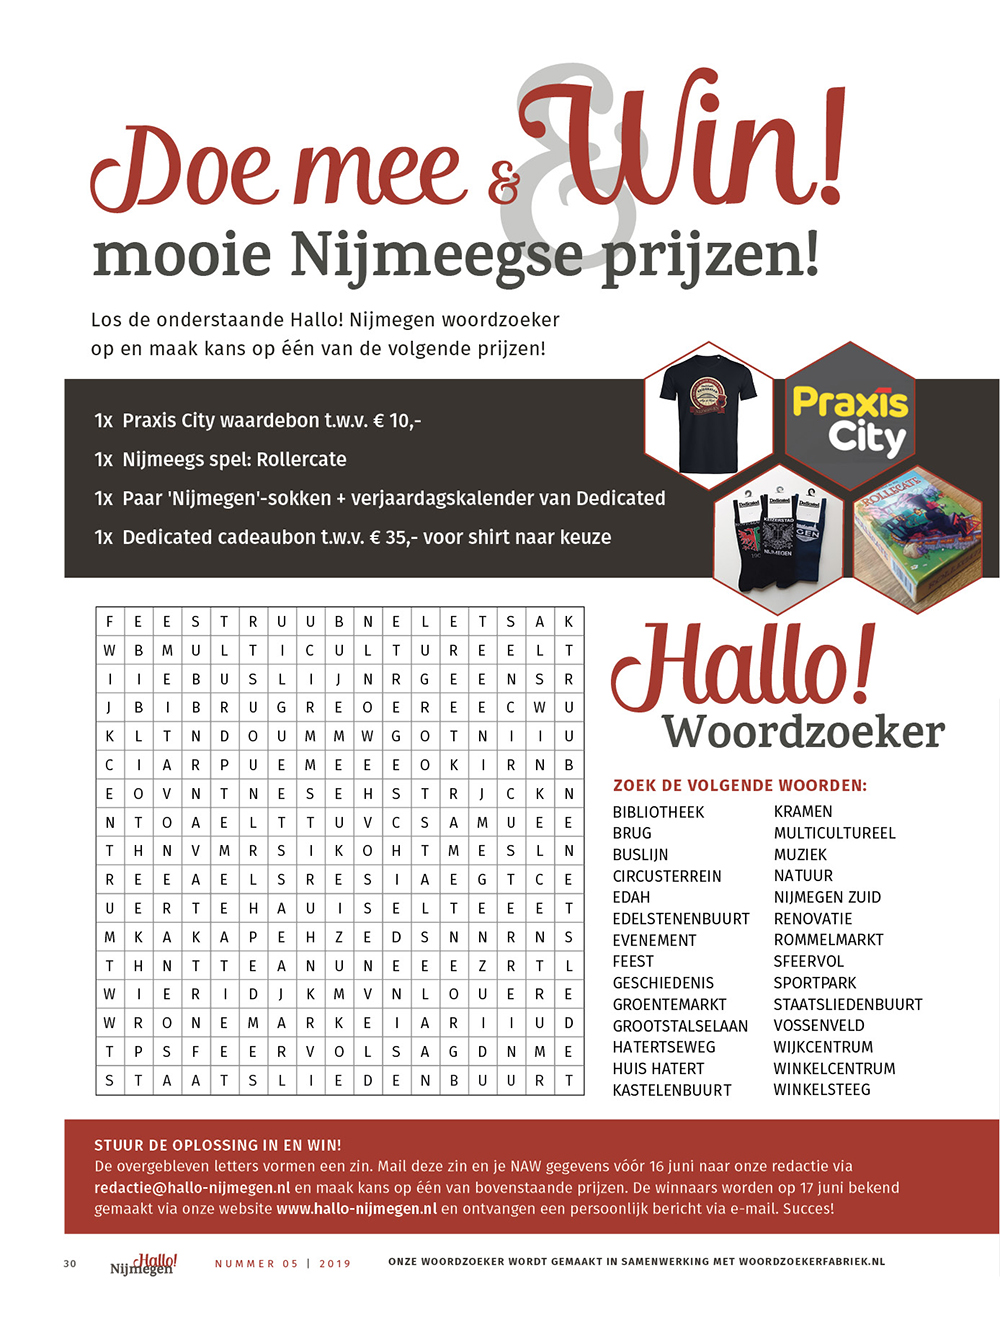 Winnaars woordzoeker Hallo! Nijmegen juni editie bekend